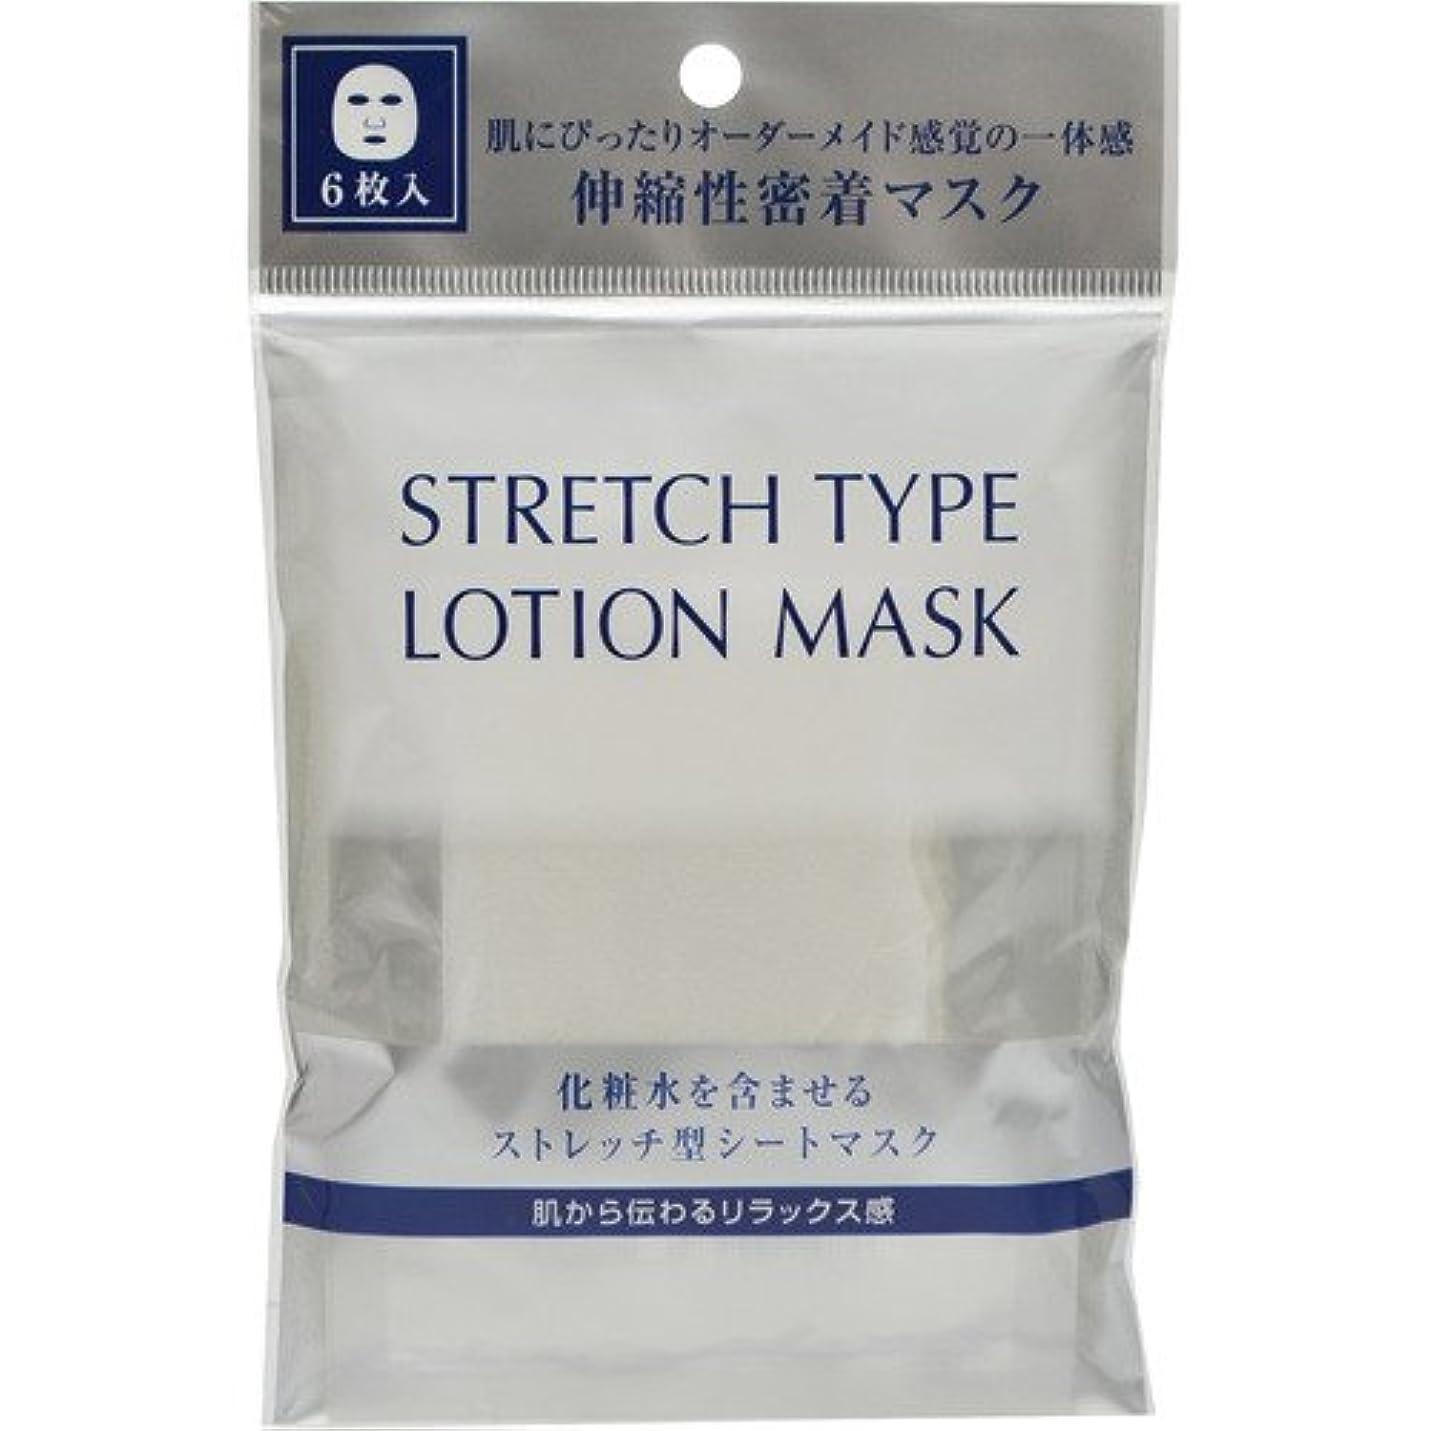 羽木拒絶するコーセー 雪肌精 シュープレム ローションマスク (ストレッチシートタイプ) 6枚入り